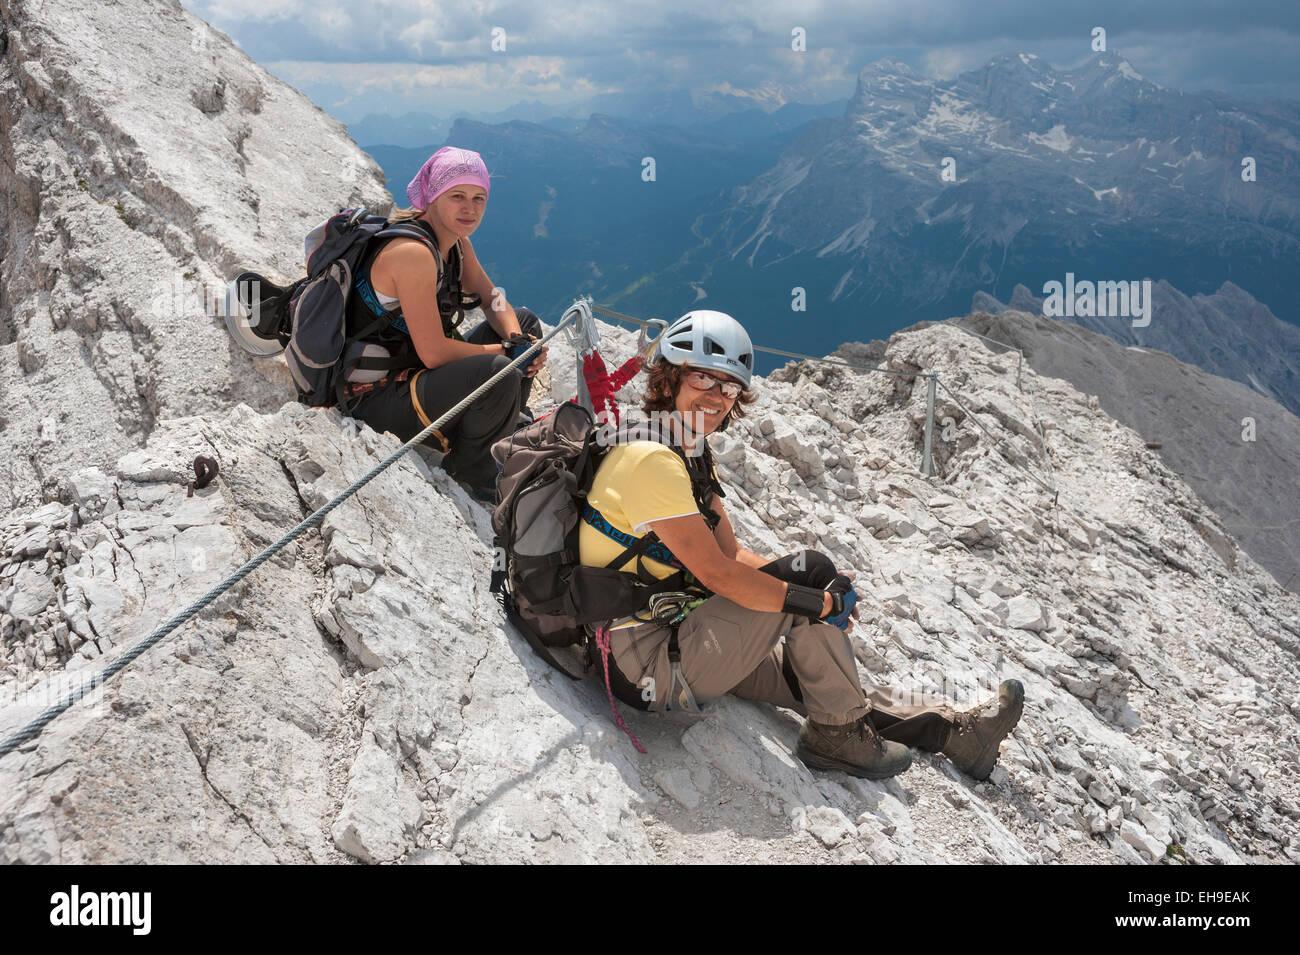 Klettersteig Weibl : Weibliche bergsteiger am dibona klettersteig cristallo gruppe